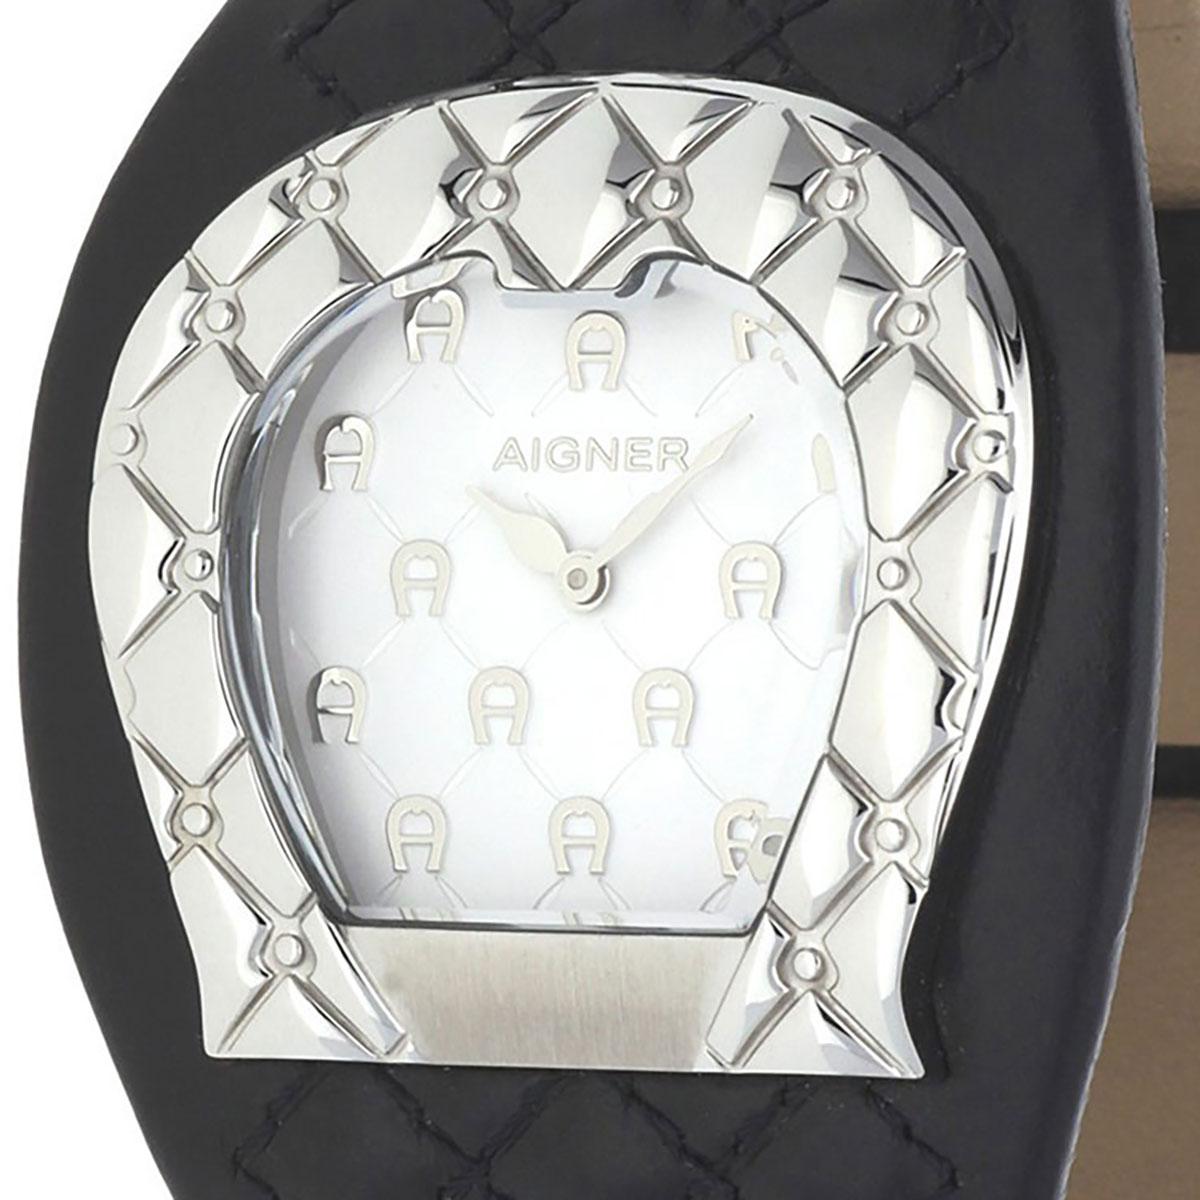 AIGNER アイグナー 電池式クォーツ 腕時計 [A41207] 並行輸入品 ホワイト(白)